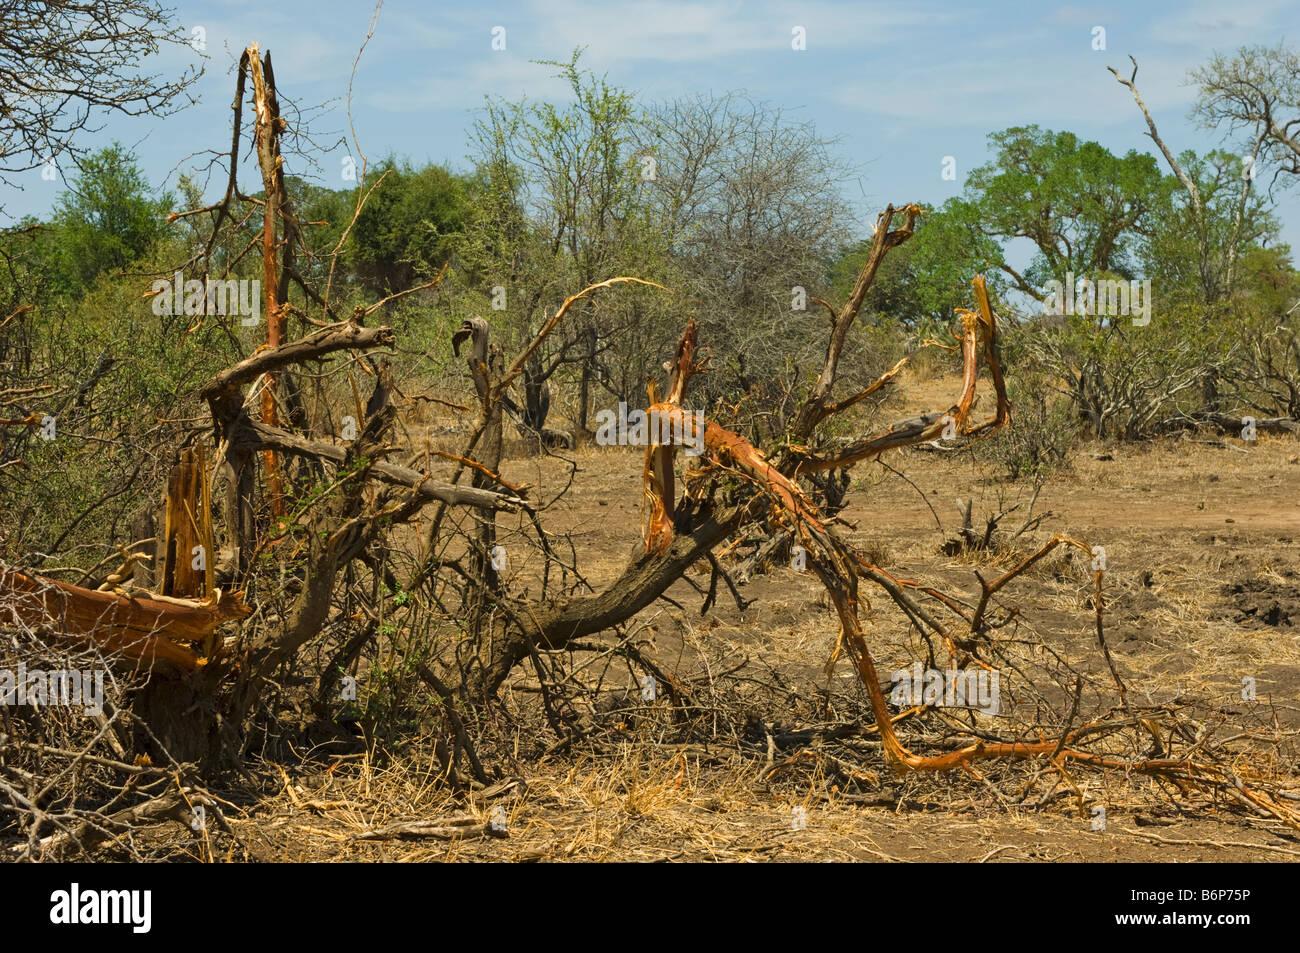 elefant s work tree bush destroyed destroy wildlife wild Elefant elephant loxodonta africana south-Afrika south - Stock Image